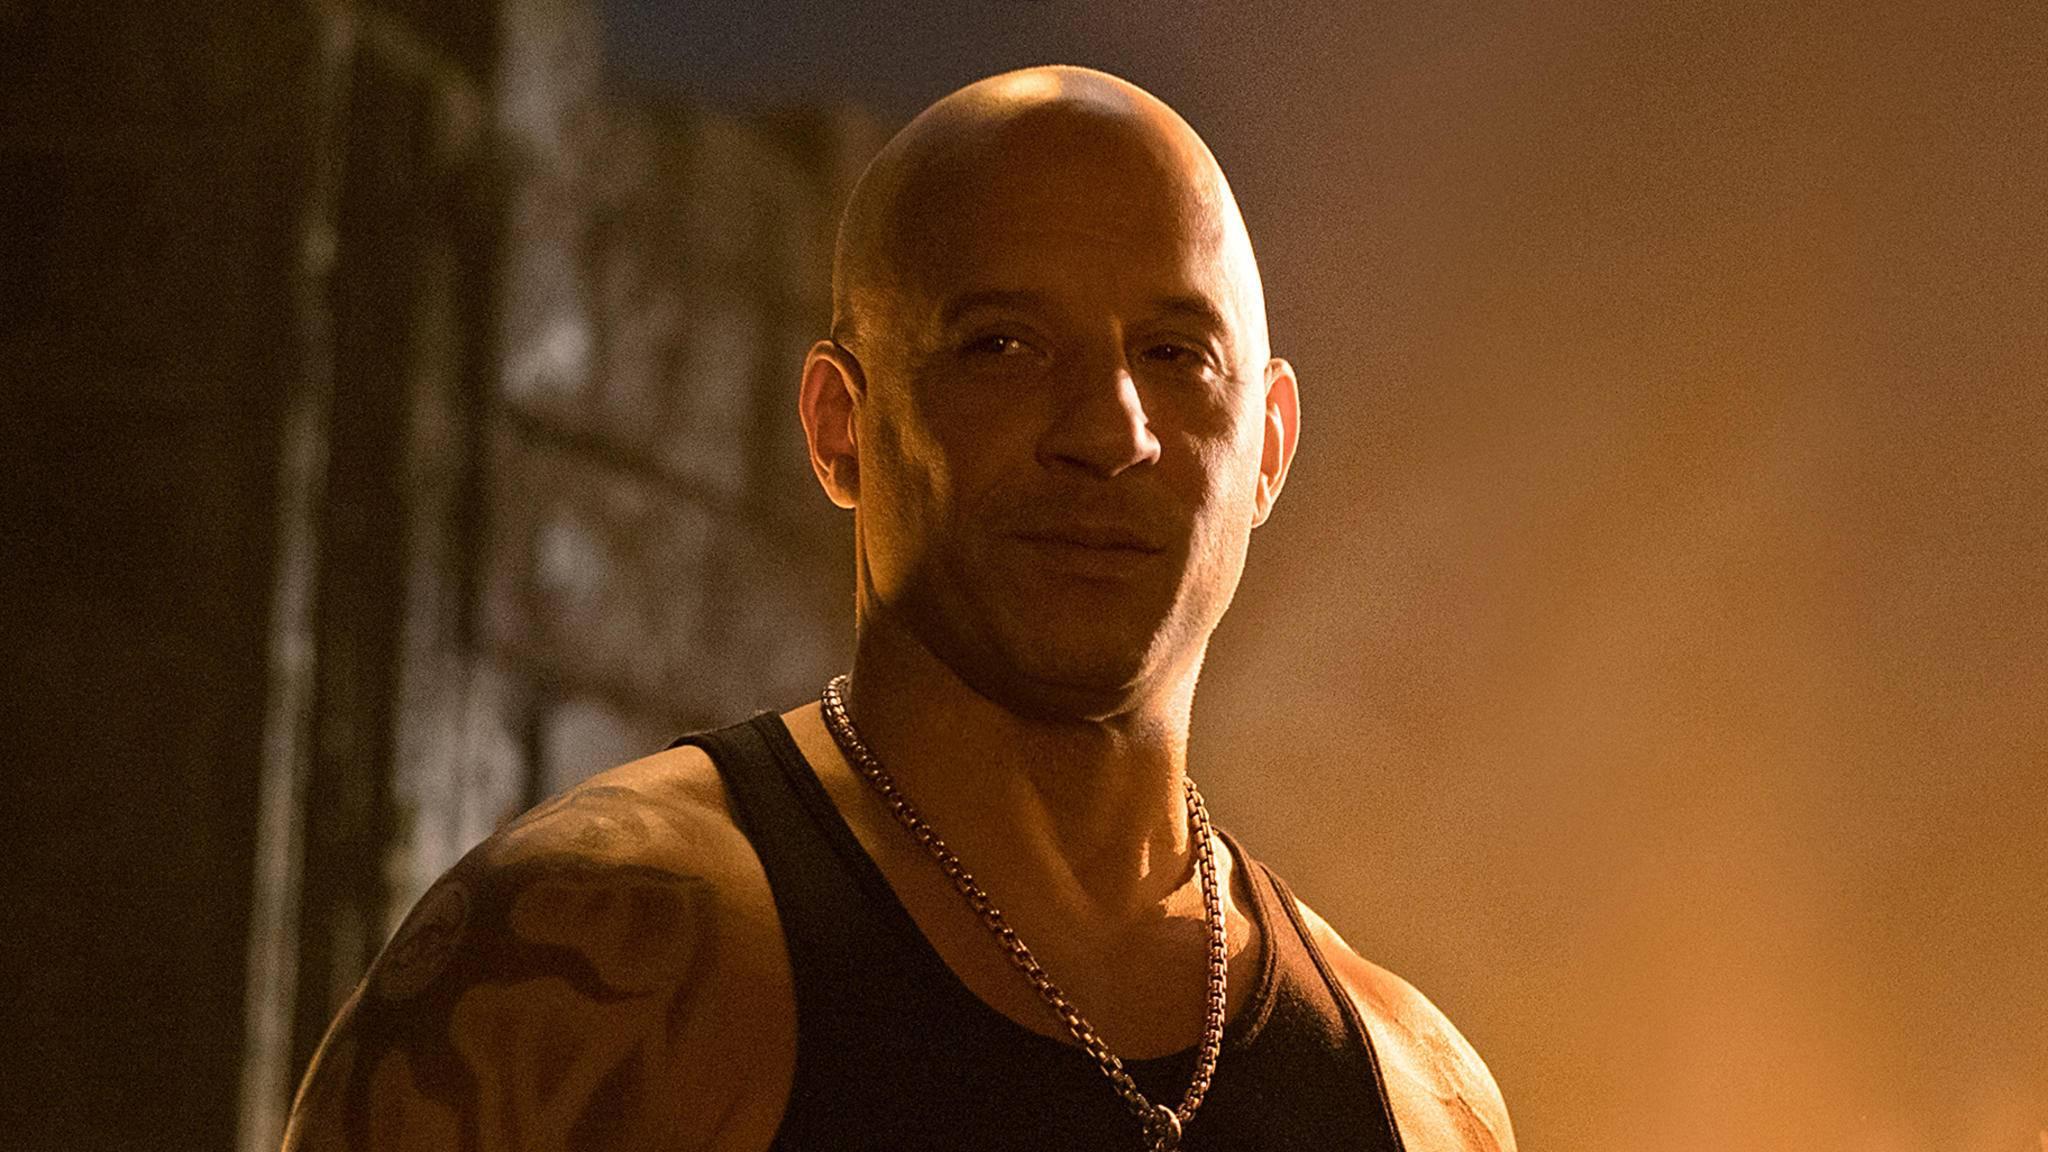 Es läuft rund für Vin Diesel: Der Hollywoodstar hat zahlreiche große Filmprojekte in der Pipeline.